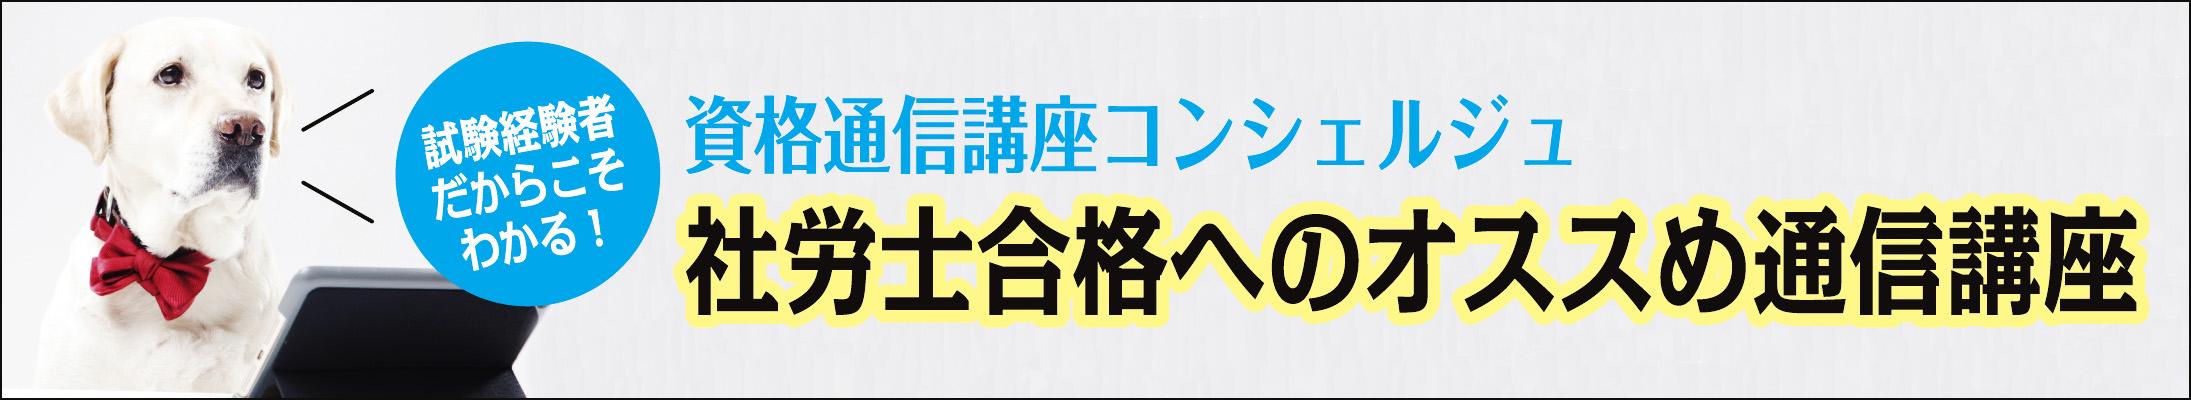 資格通信講座コンシェルジュ~社労士合格へのおすすめ通信講座~